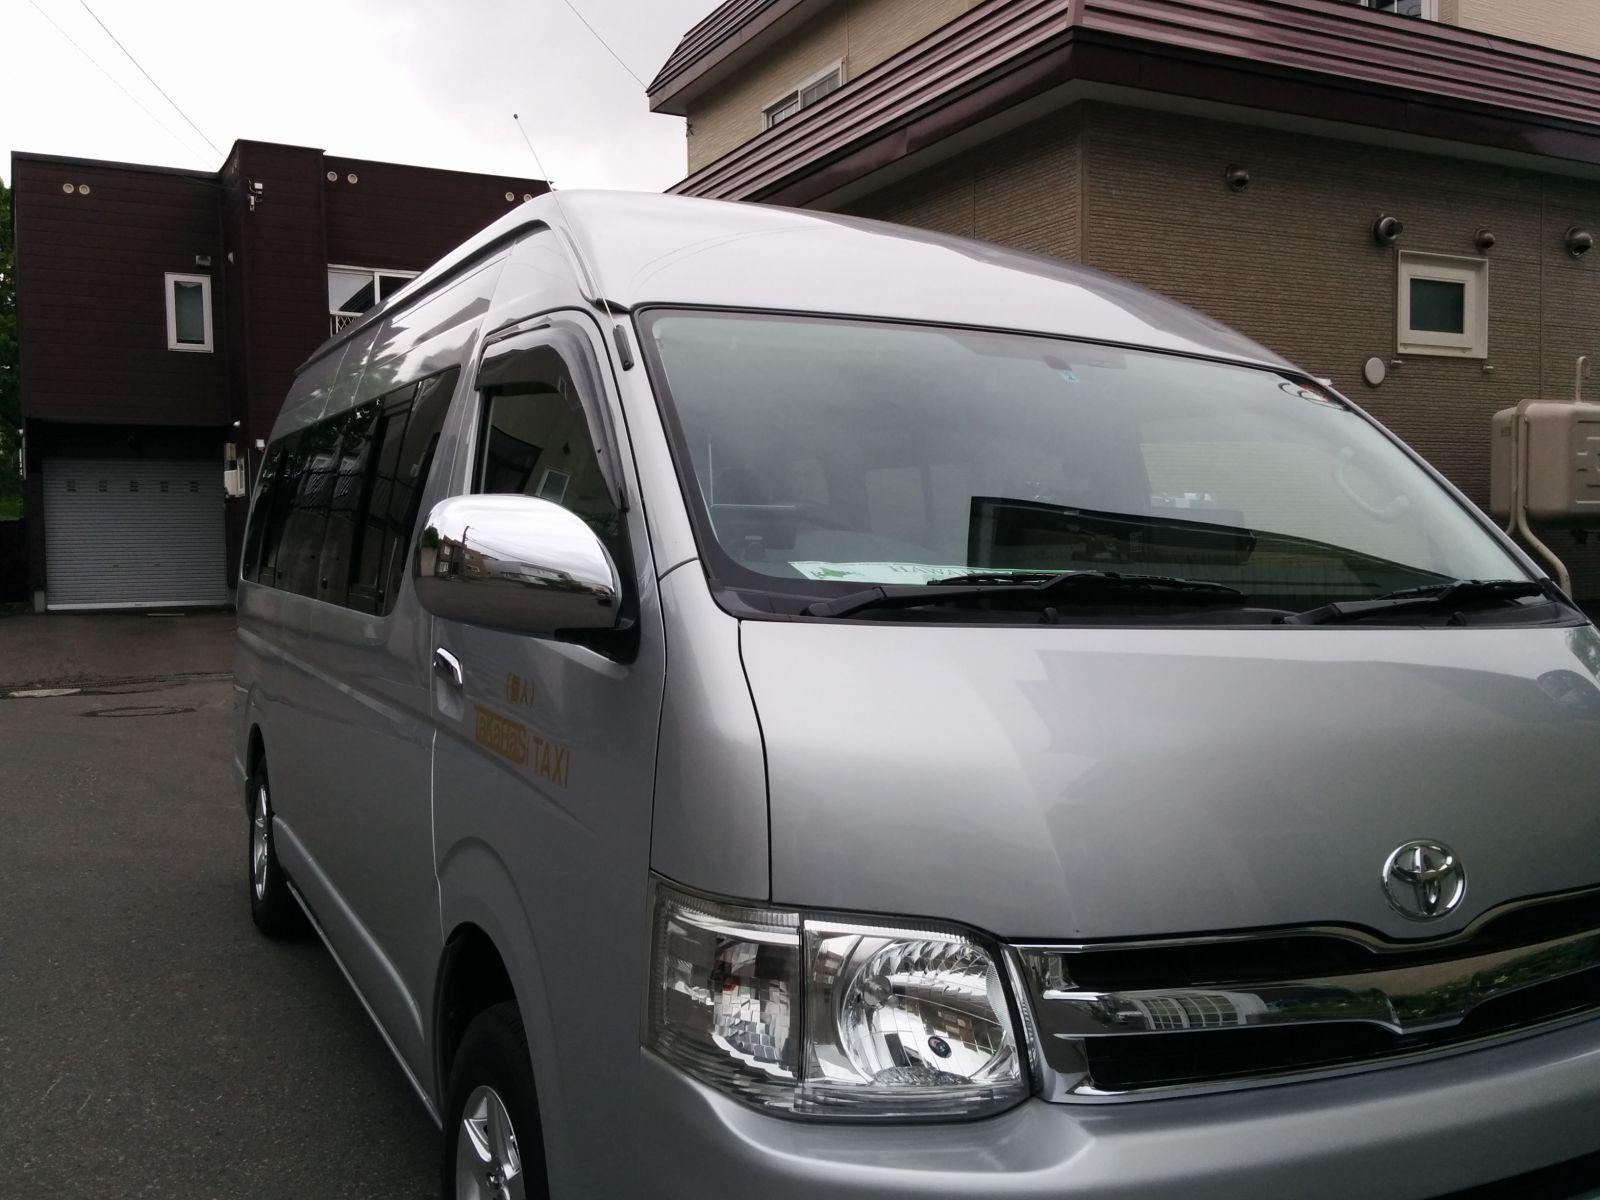 【小樽市】洗車完了・仕事へ出発です。